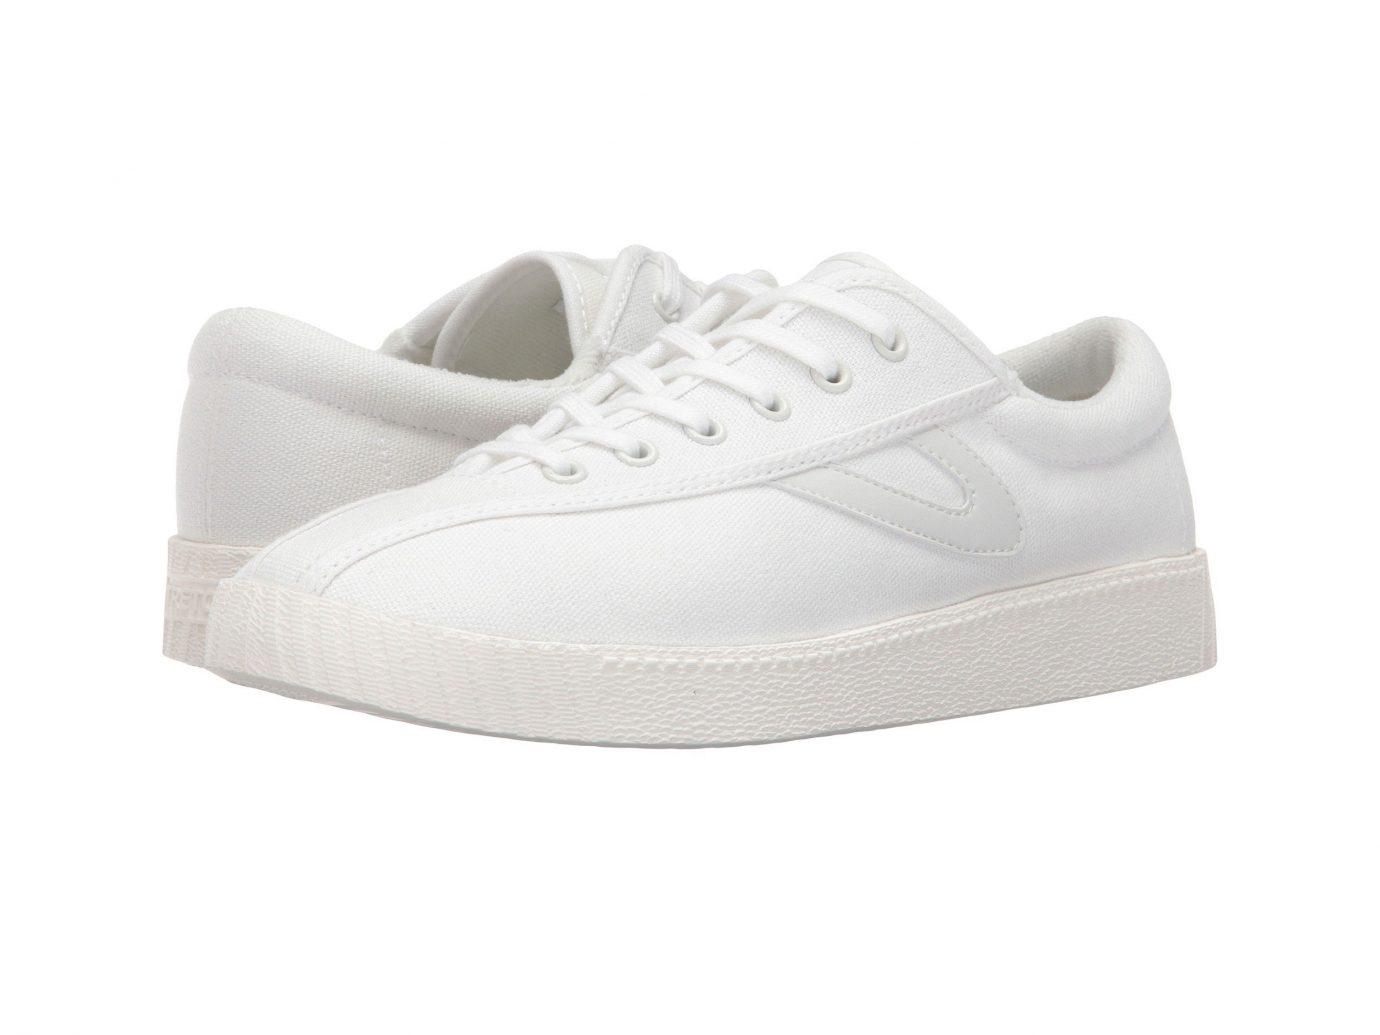 Tretorn Nylite Plus white Sneaker